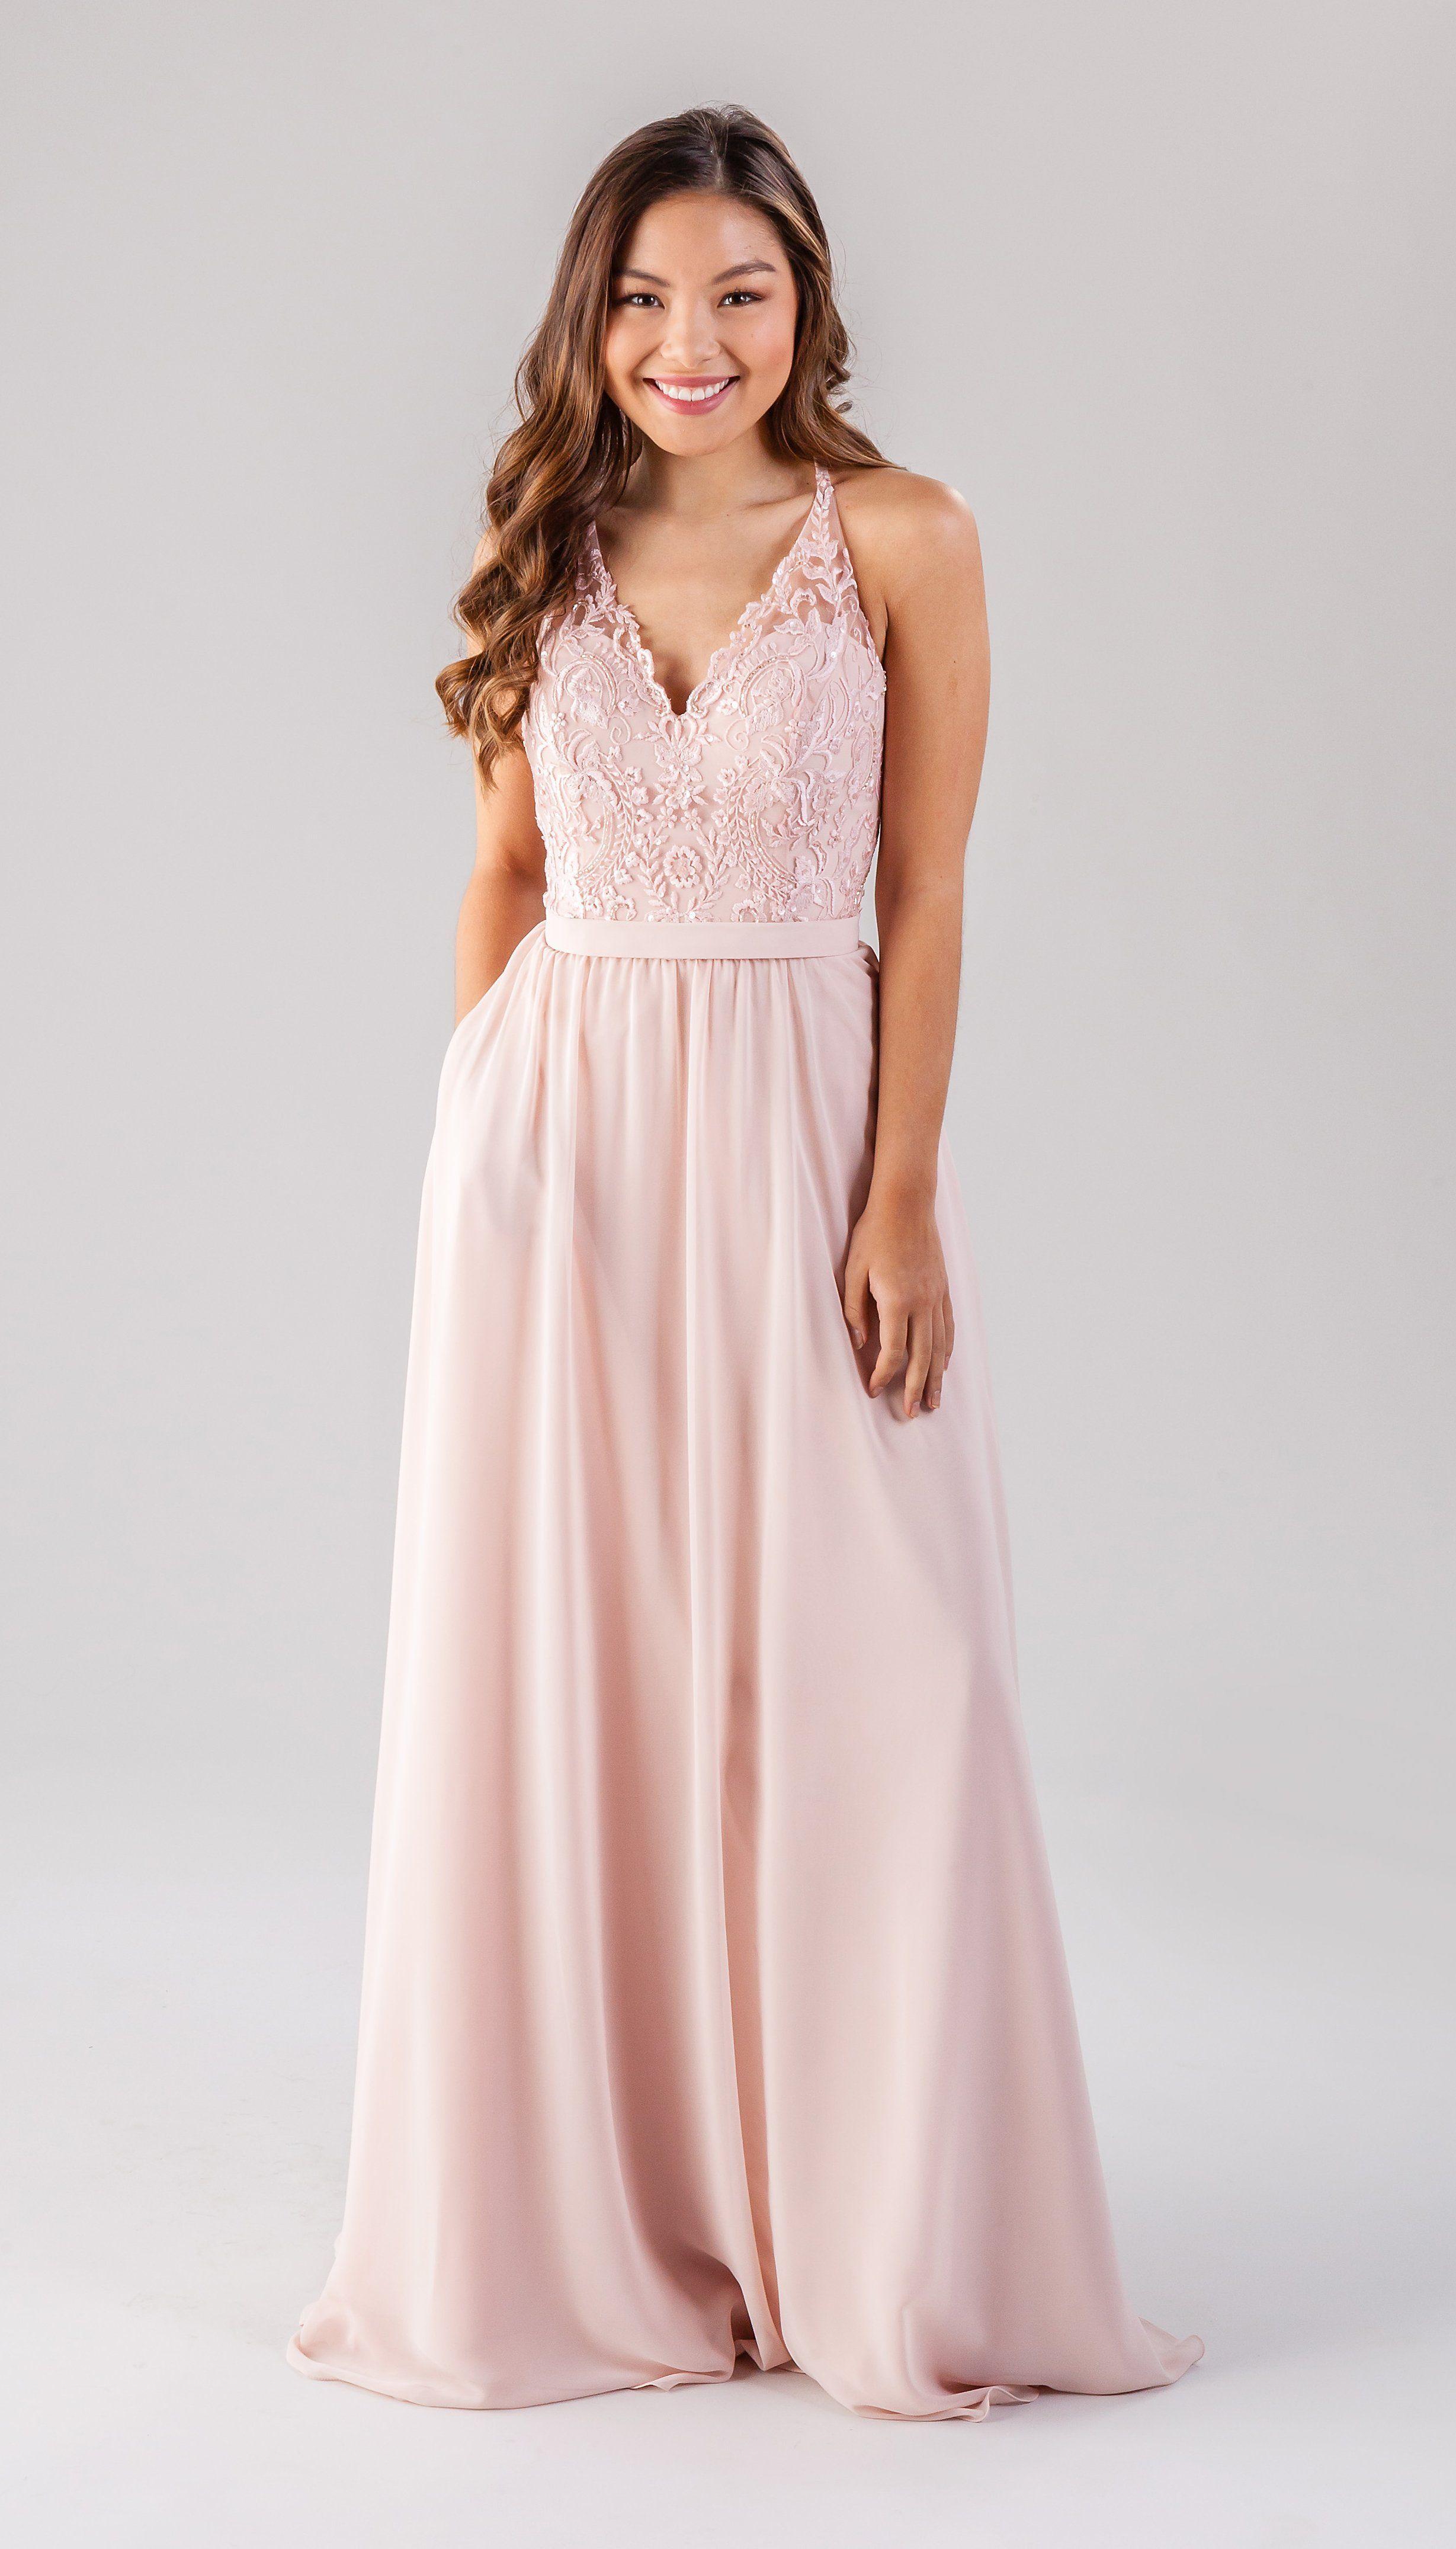 edcc5864550 V-neck bridesmaid dress